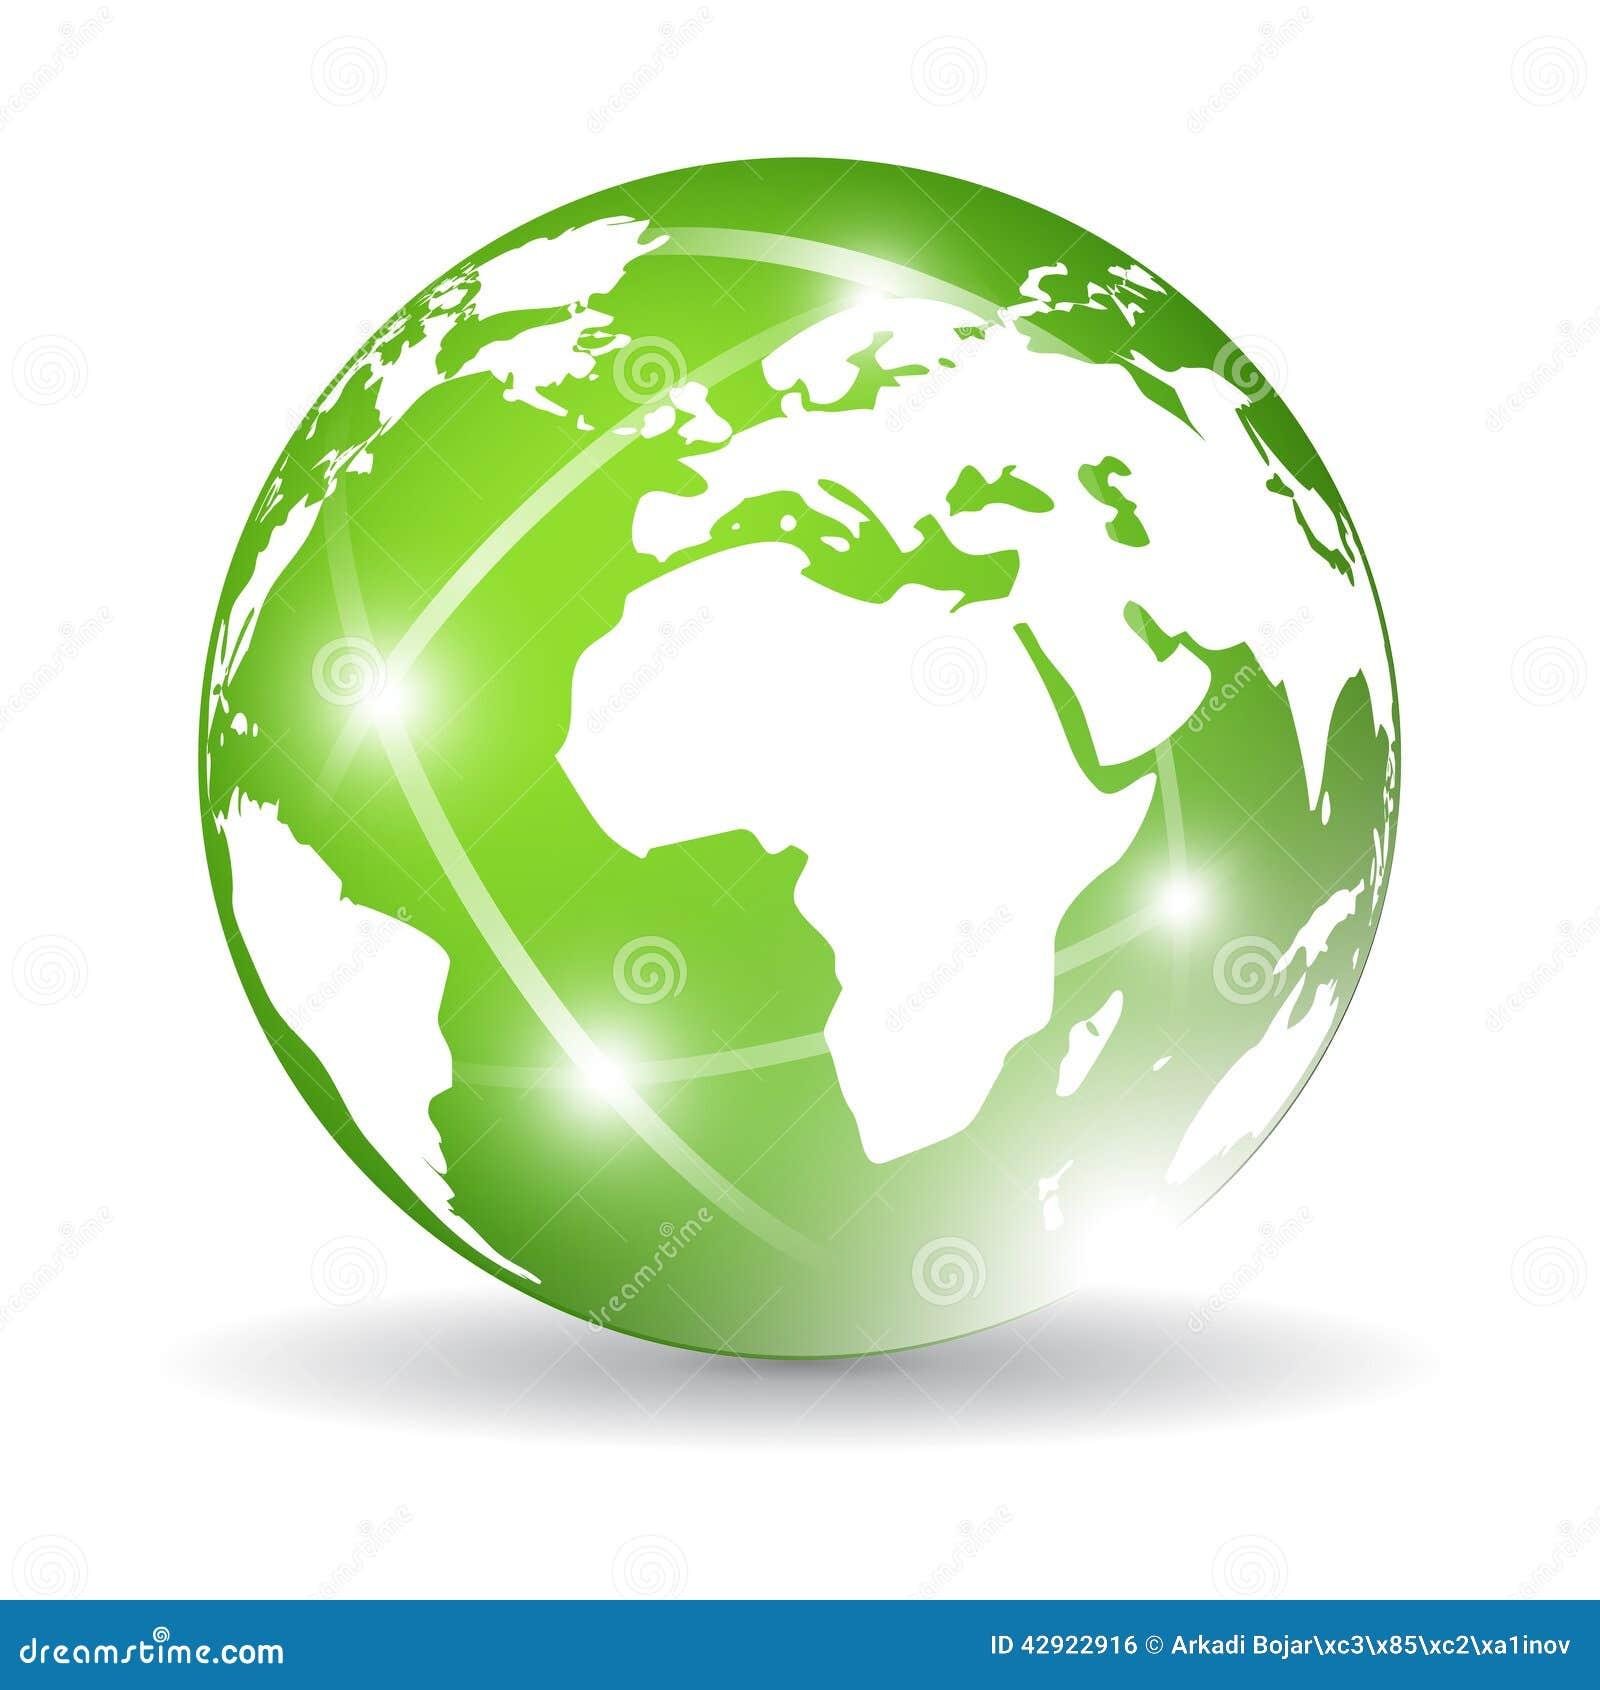 Green Earth Icon Stock Vector